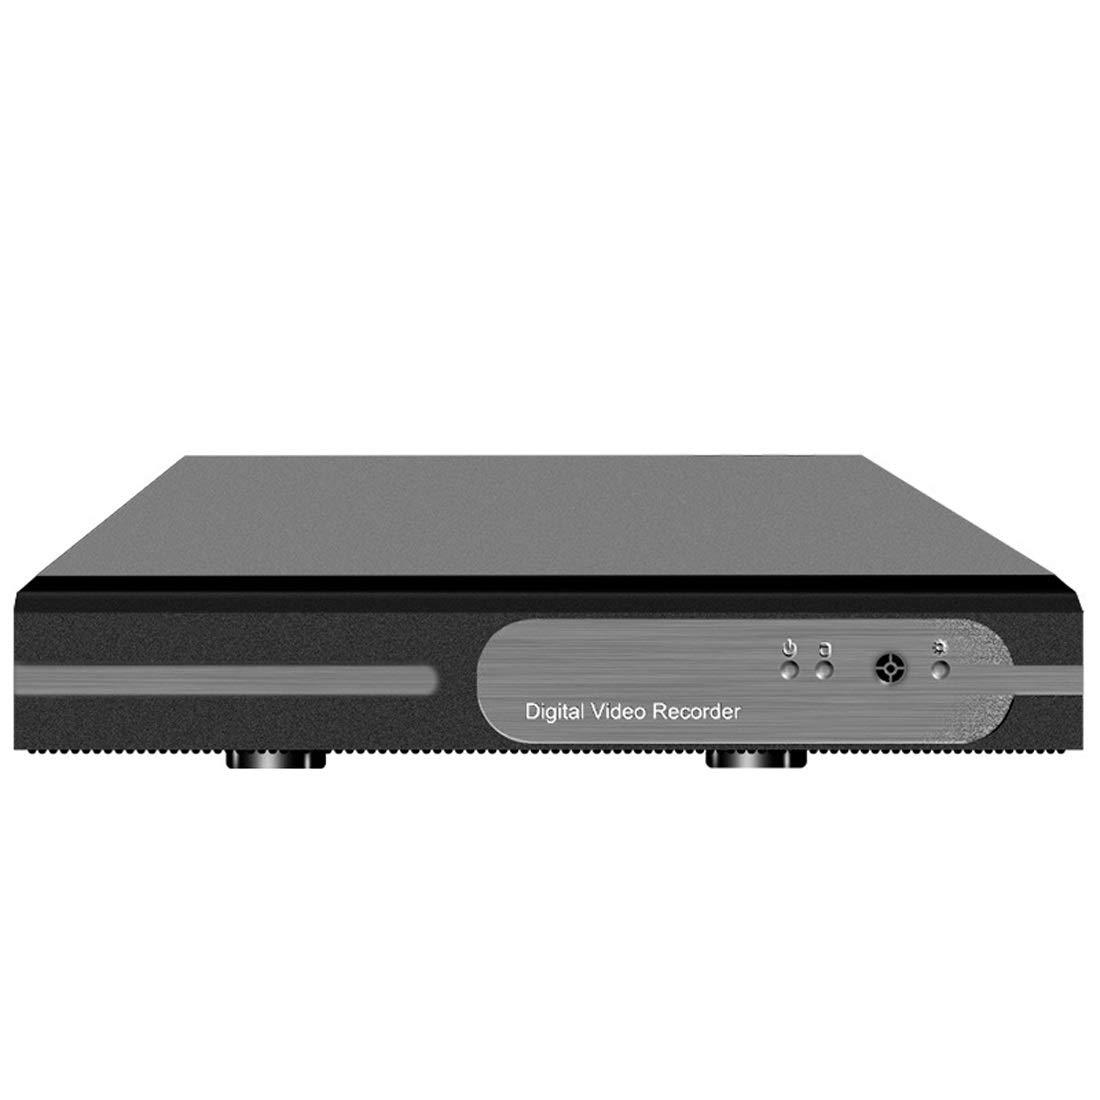 結婚祝い JPAKIOS 5-in-1 DVR 4ウェイハイブリッドハードディスクレコーダーはTVIAHDCVICVBSIPC 5フォーマットをサポート   B07QNK4TXD, ひさむら農園 dc79446b